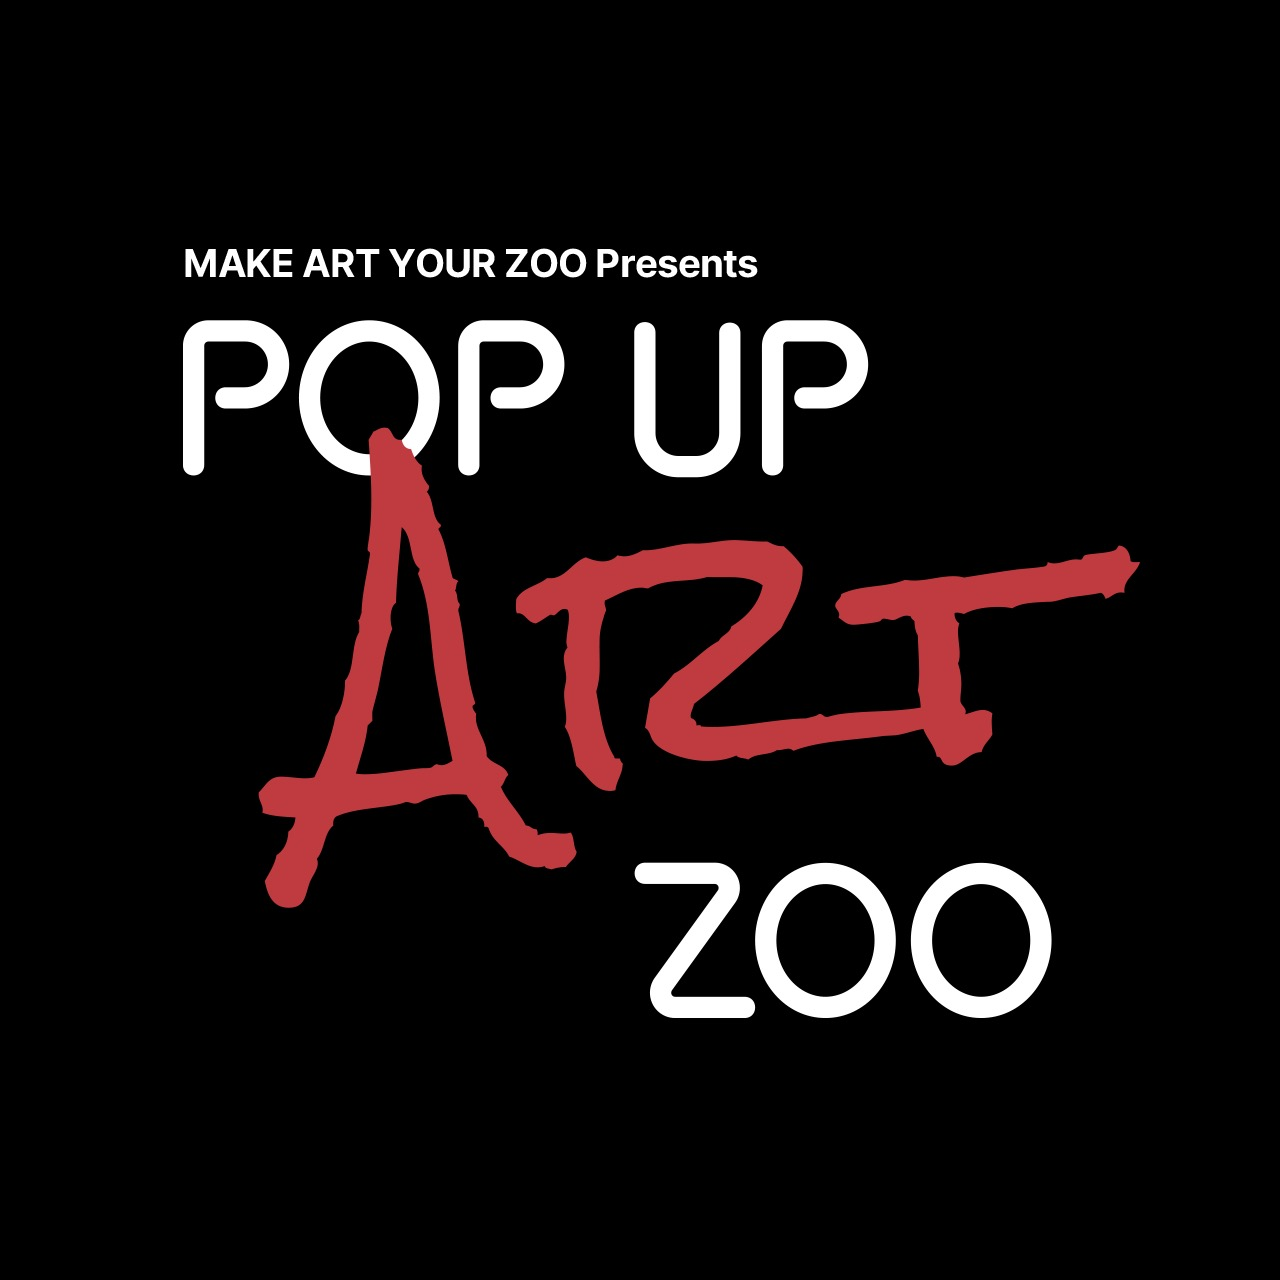 POP UP ART ZOO